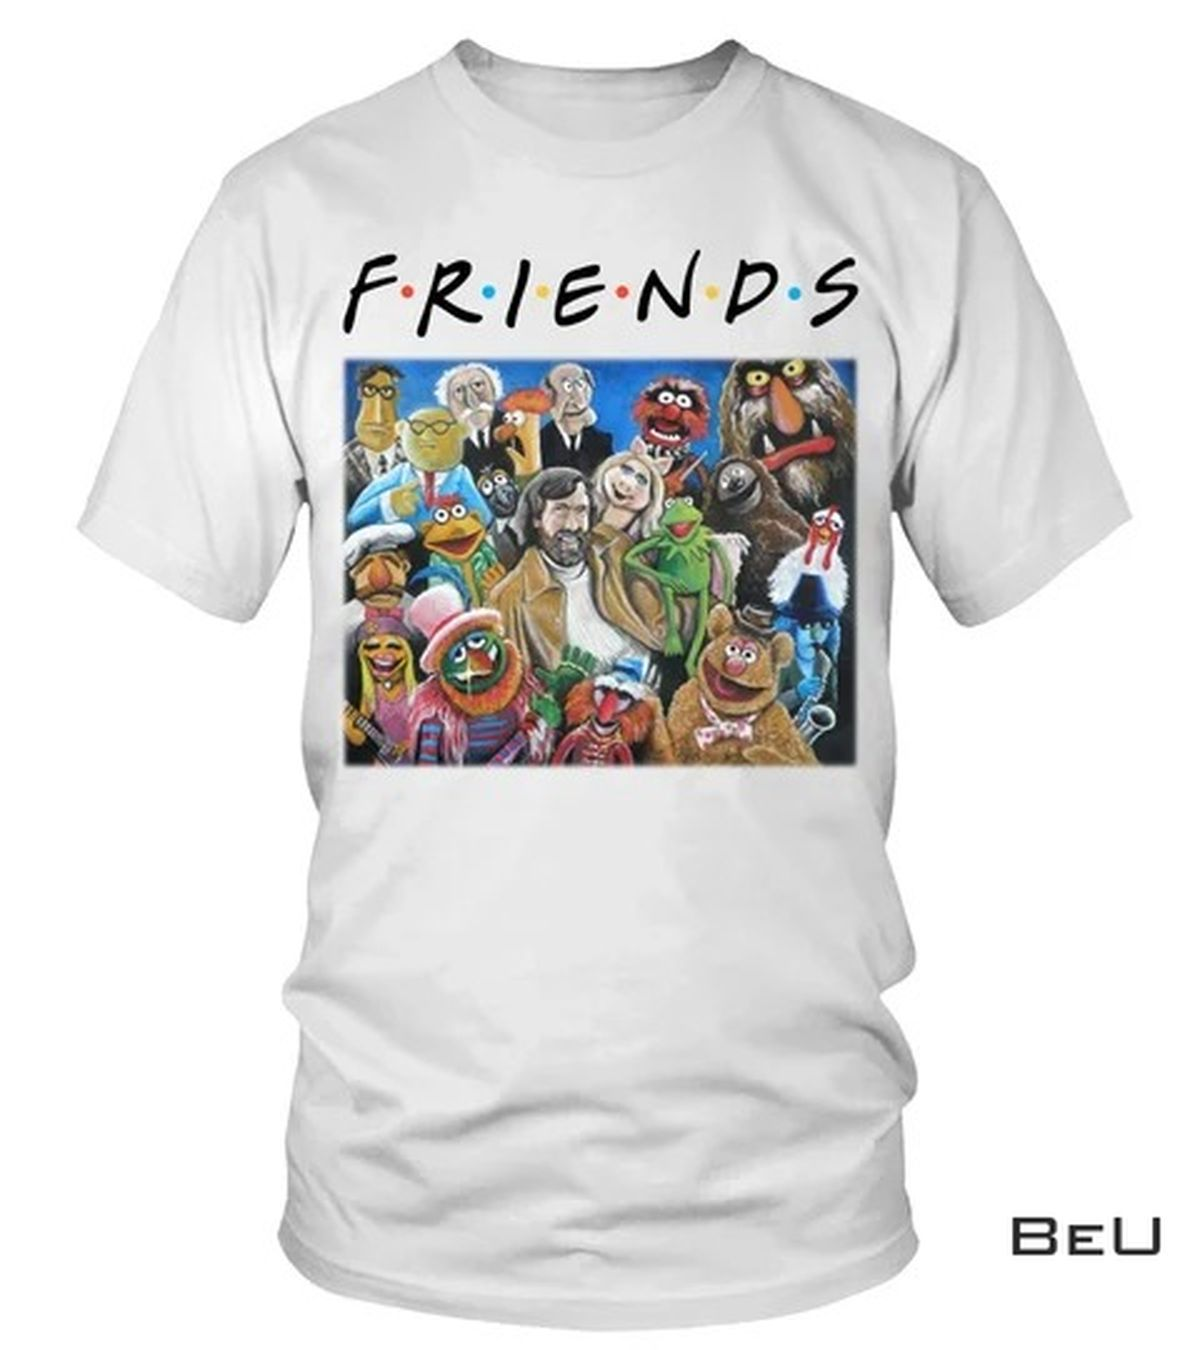 Sale Off Friends Jim Henson Puppets Art Shirt, tank top